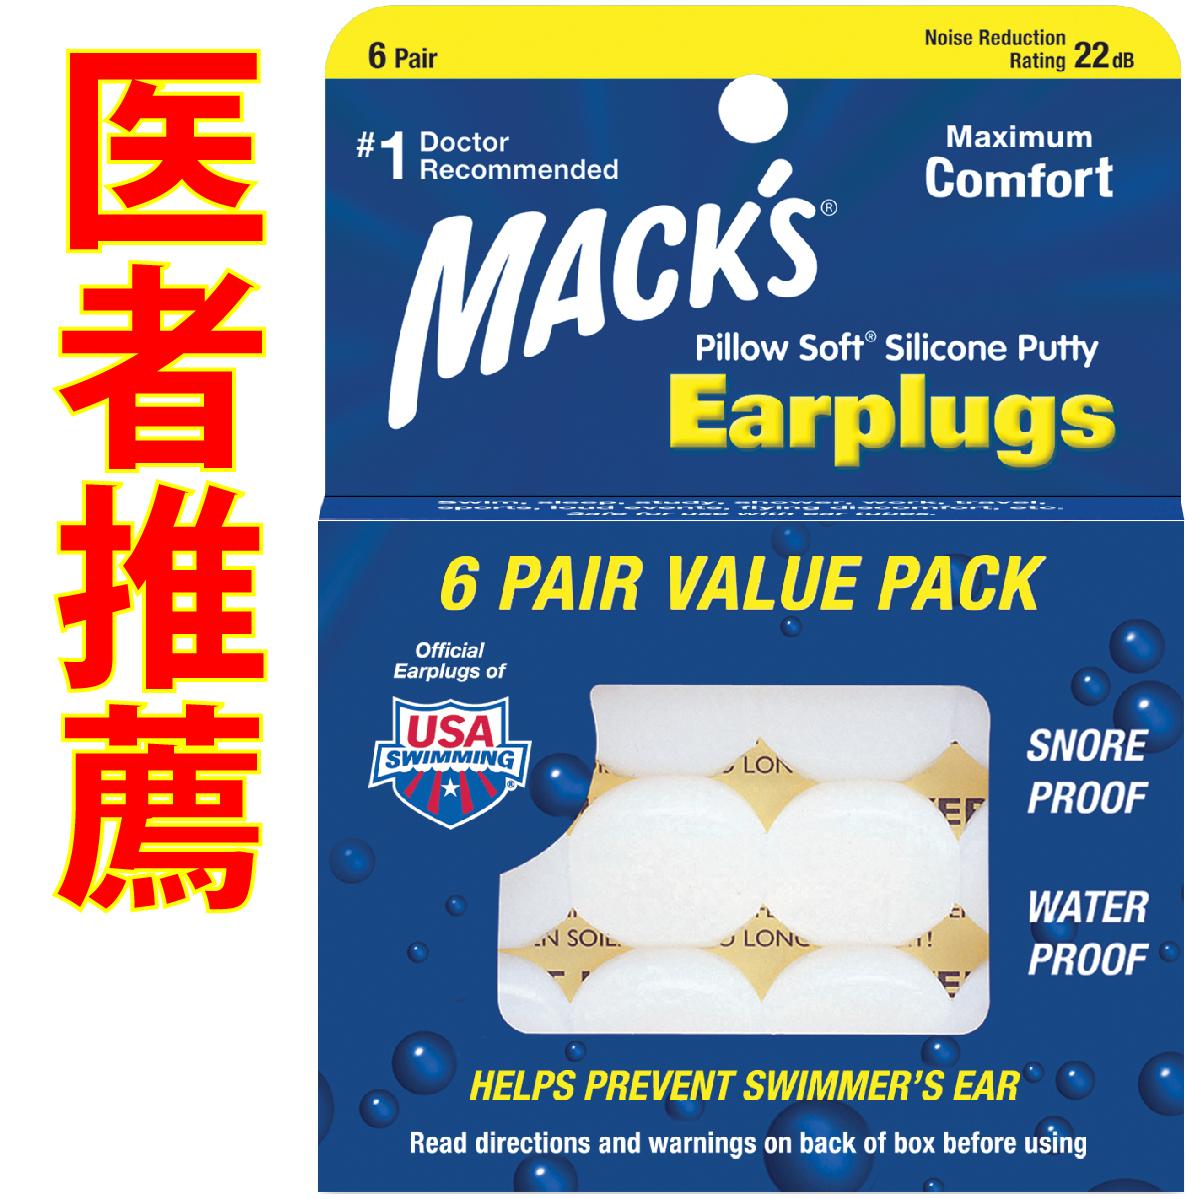 耳栓 マックスピロー 2個注文で1ペアおまけキャンペーン中 シリコン ソフト 6ペア Macks Pillow 人気テレビで紹介